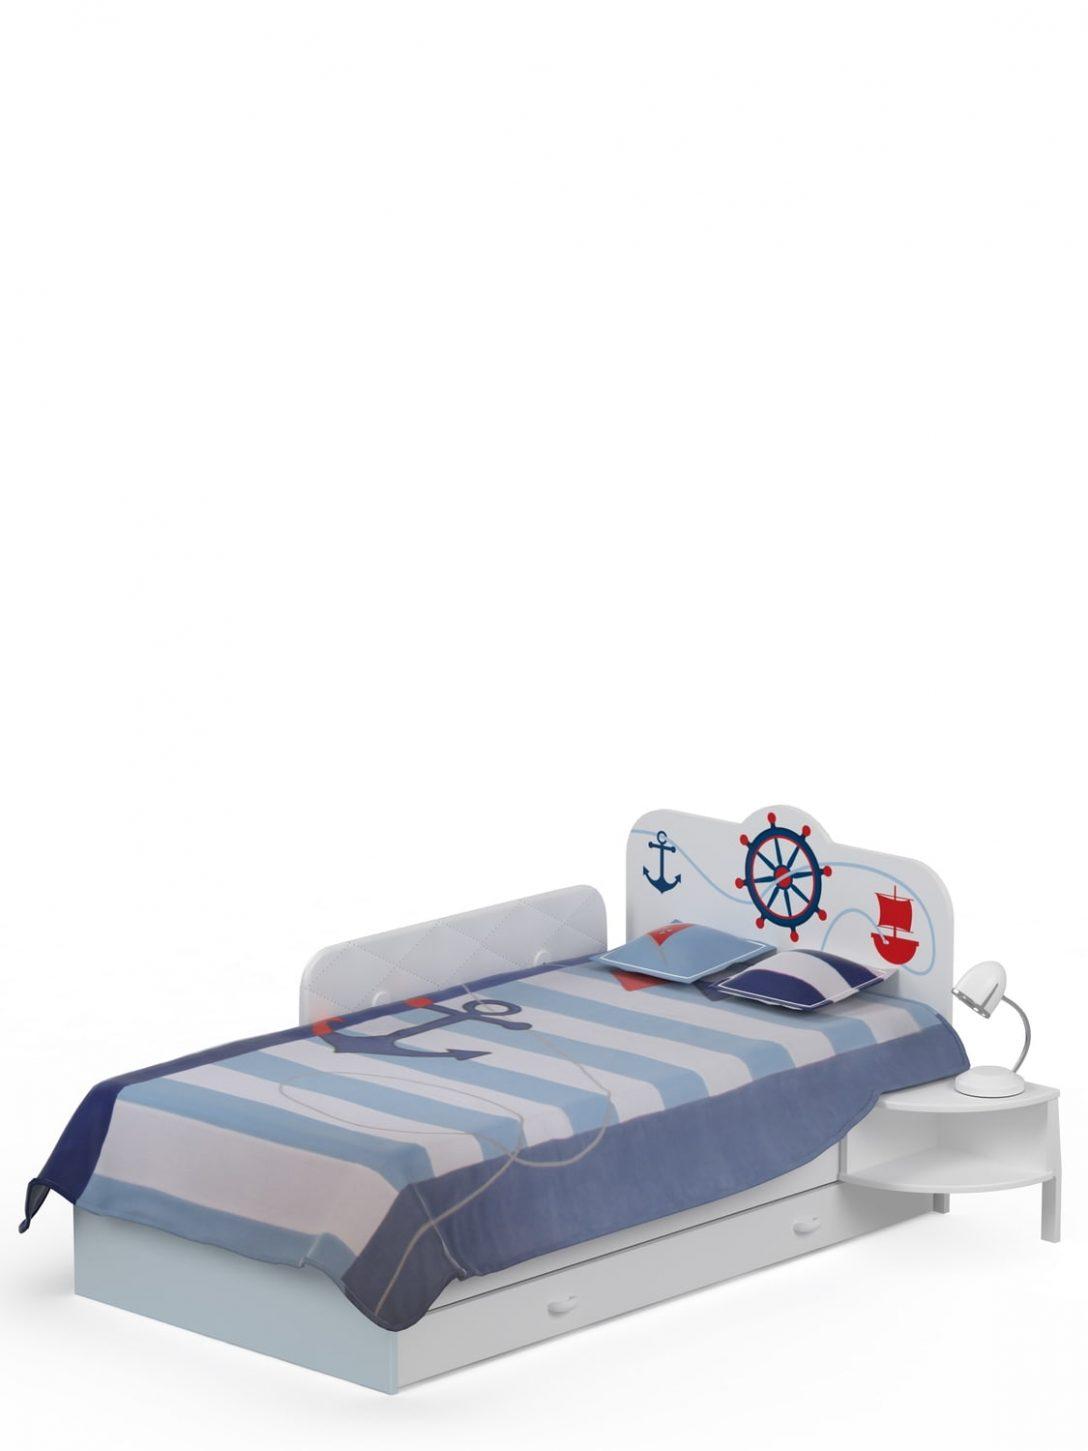 Large Size of Betten 90x200 Bett Pirate Meblik Schlafzimmer Joop 200x220 Rauch 180x200 Mädchen 120x200 Kaufen Ikea 160x200 Team 7 Jensen Flexa Bett Betten 90x200